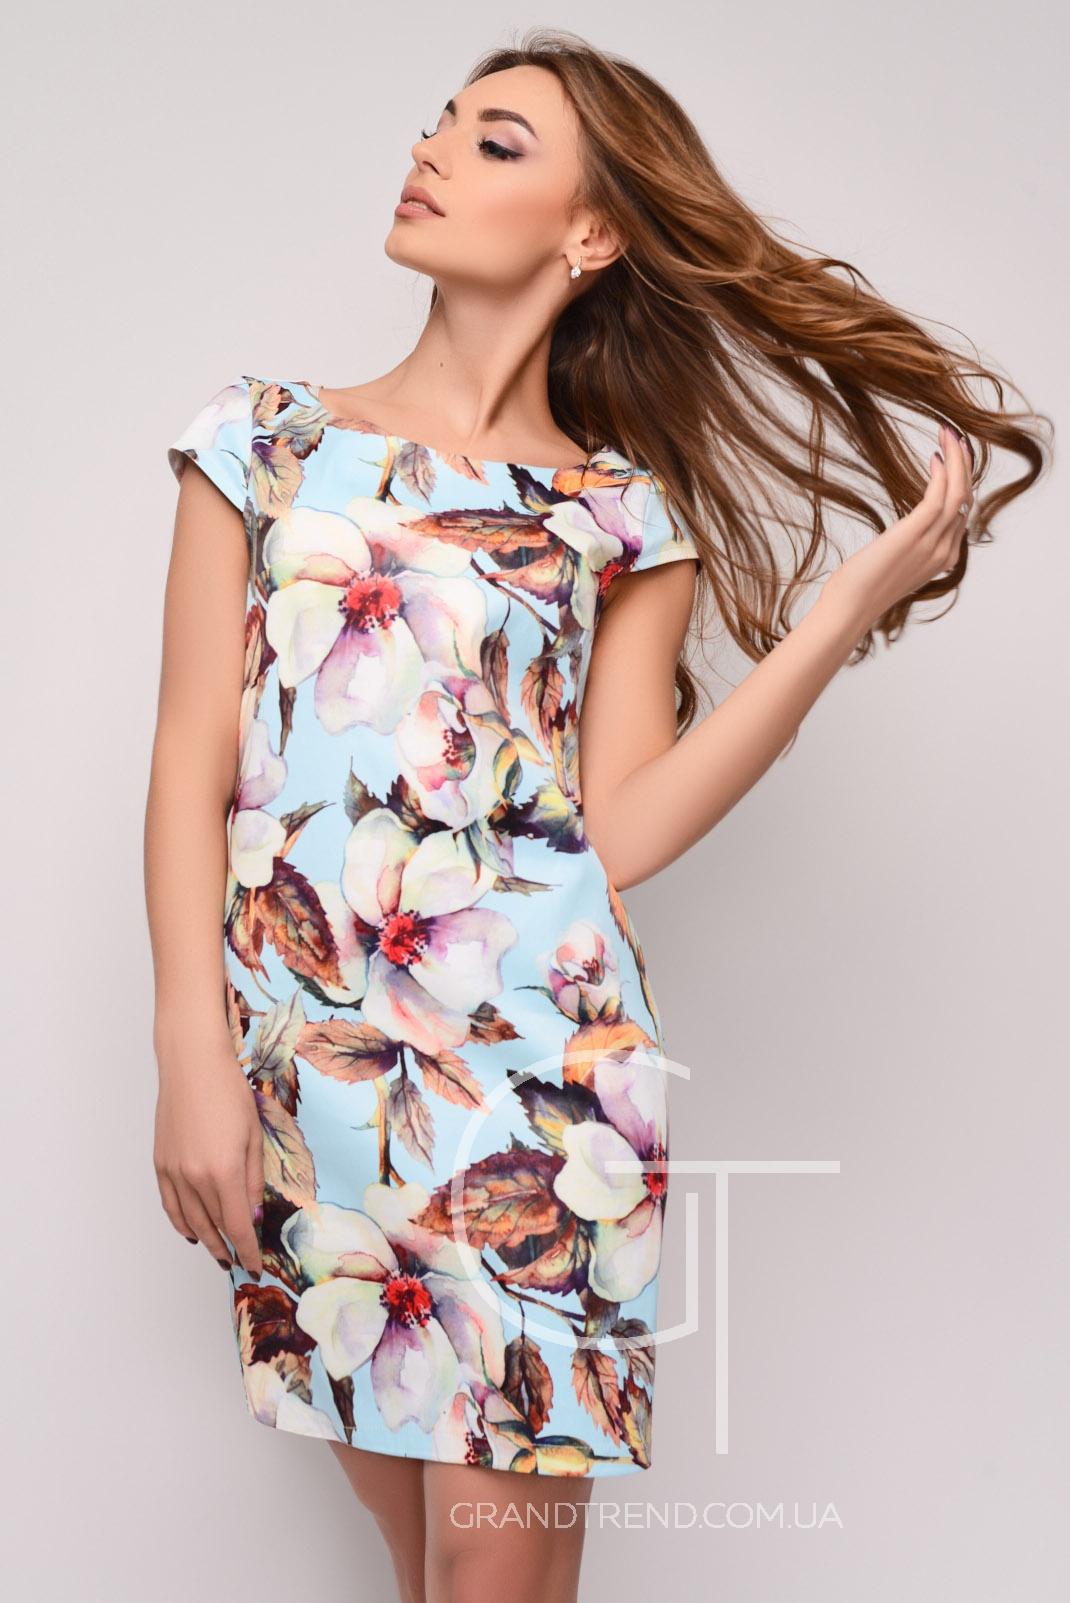 Сбор заказов.Весна начинается с нового платья!Так же блузы,юбки,леггинсы,брюки,джинсы,жакеты,костюмы,верхняя одежда и мн.др.Стильный дизайн и всегда отличное качество.Cardo,Carica,X-Woyz!др. бренды!